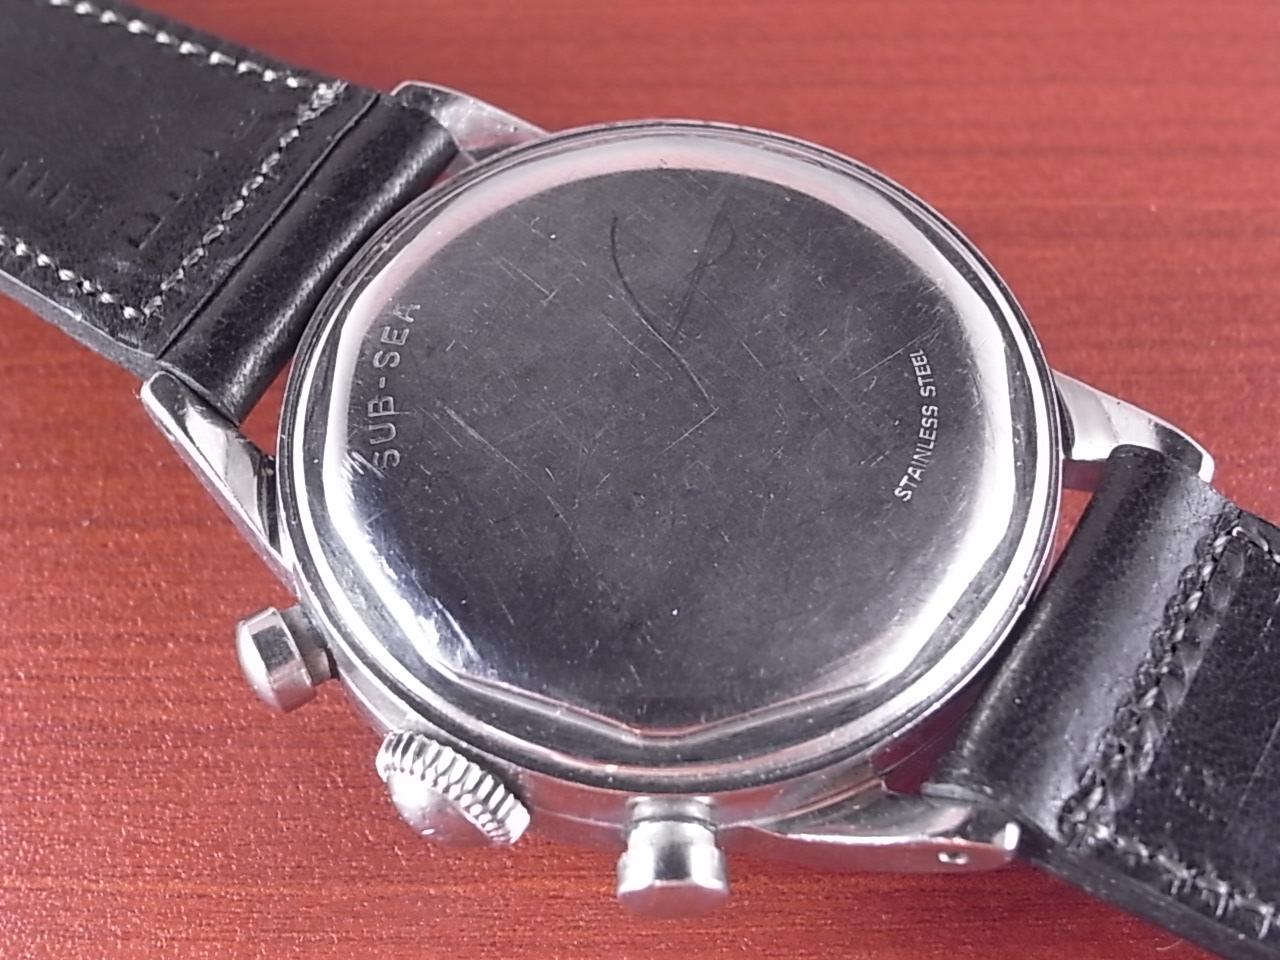 モバード サブシー クロノグラフ Cal.95M パンダダイアル FBケース 1960年代の写真4枚目